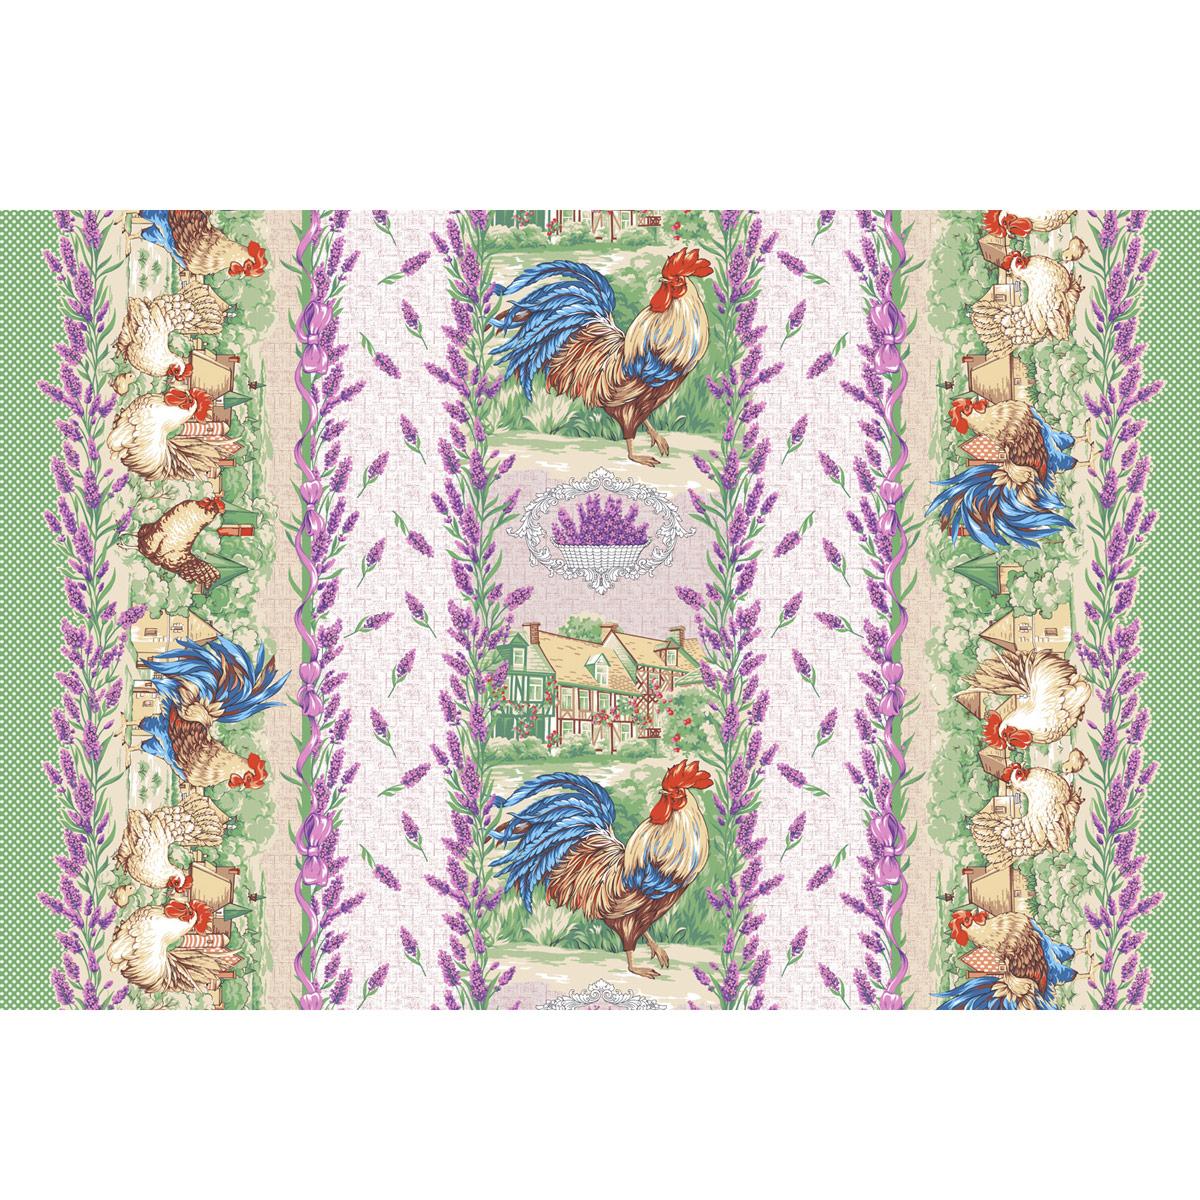 Вафельное полотенце Прованские травы р. 100х150Вафельные полотенца<br><br><br>Тип: Вафельное полотенце<br>Размер: 100х150<br>Материал: Вафельное полотно